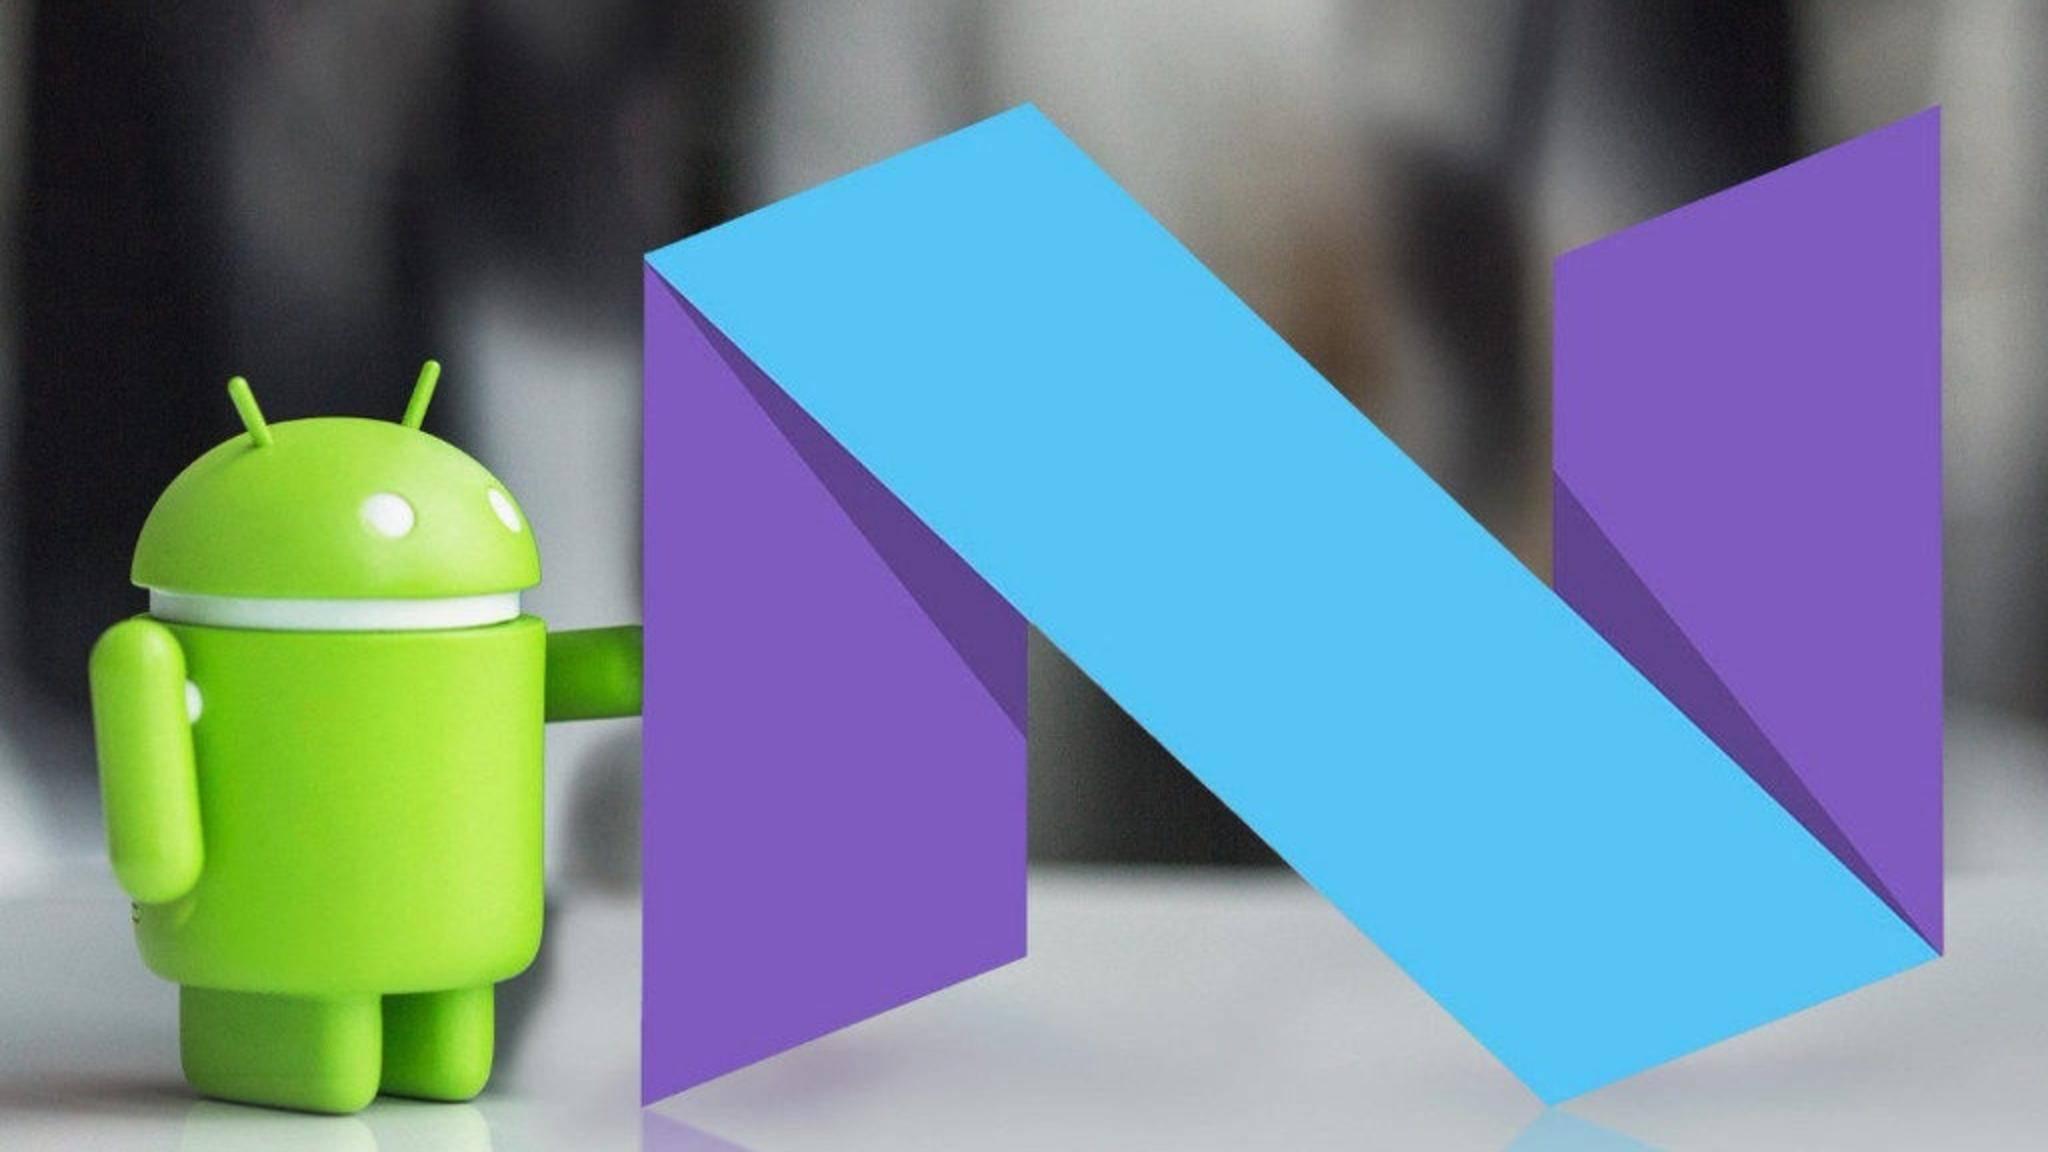 Auch Galaxy S6-Besitzer kommen endlich in den Genuss von Android 7.0 Nougat.